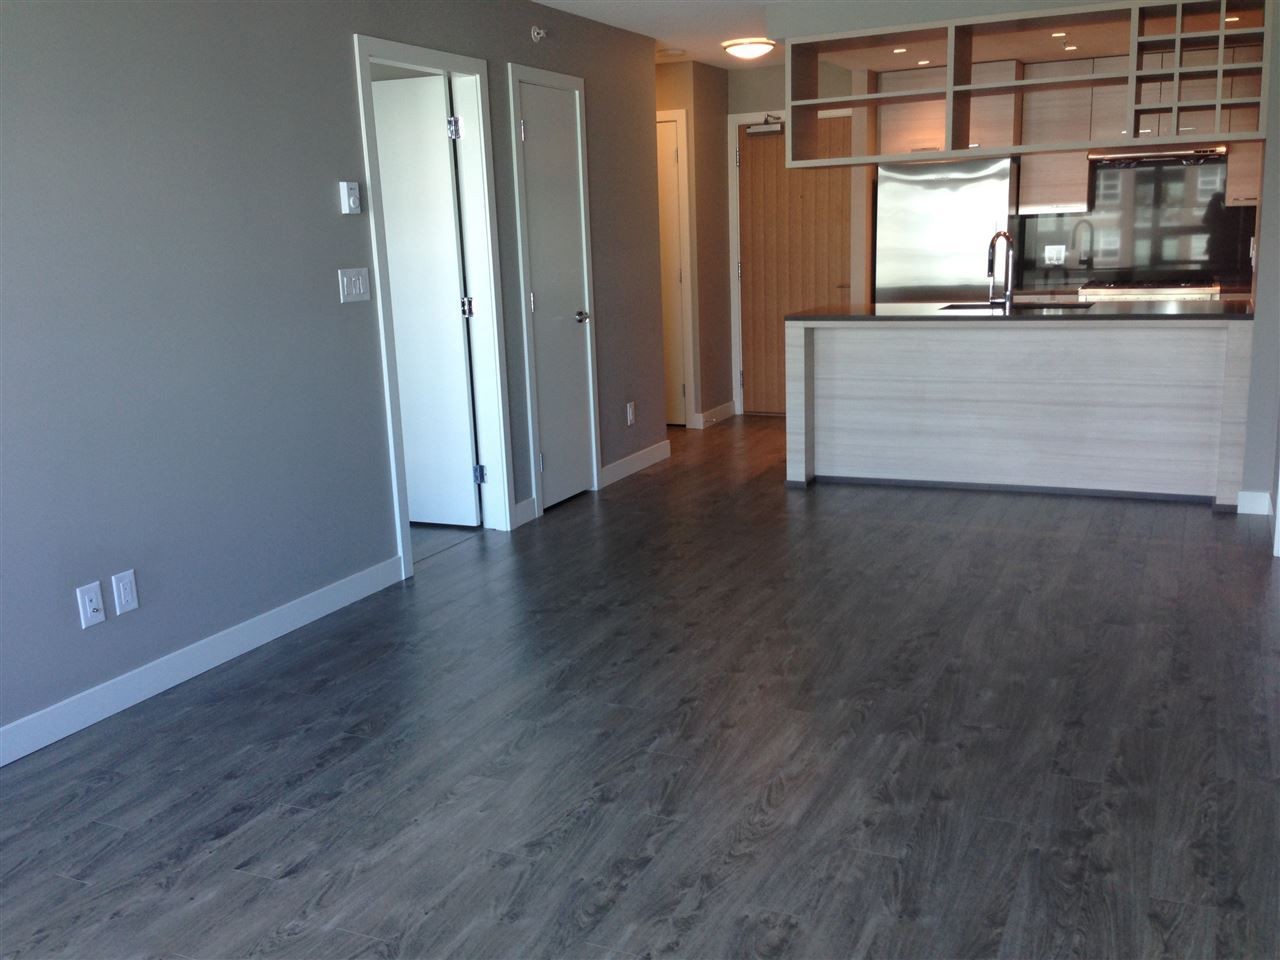 Main Photo: 1508 6188 NO. 3 ROAD in Richmond: Brighouse Condo for sale : MLS®# R2140048